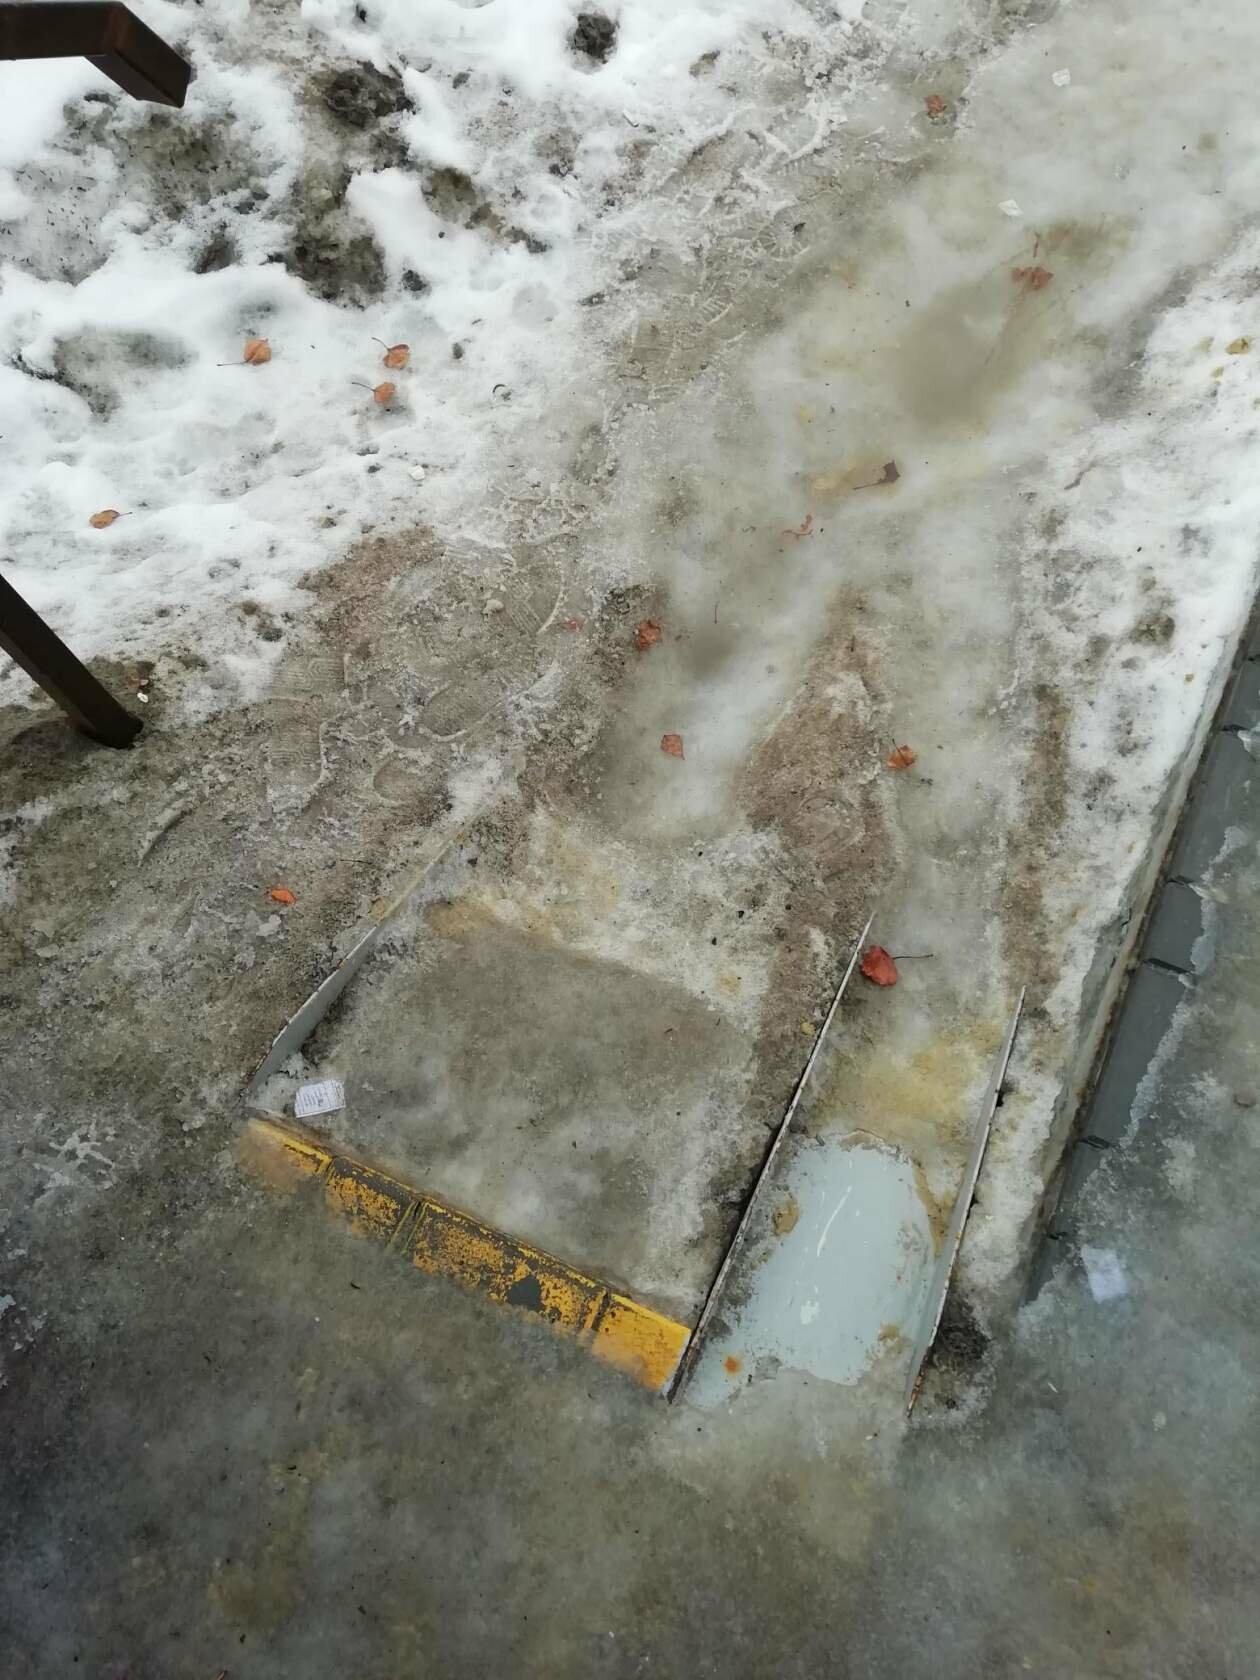 Коляски не проедут, пенсионеры не дойдут: в Новошахтинске забыли очистить пешеходный переход, фото-2